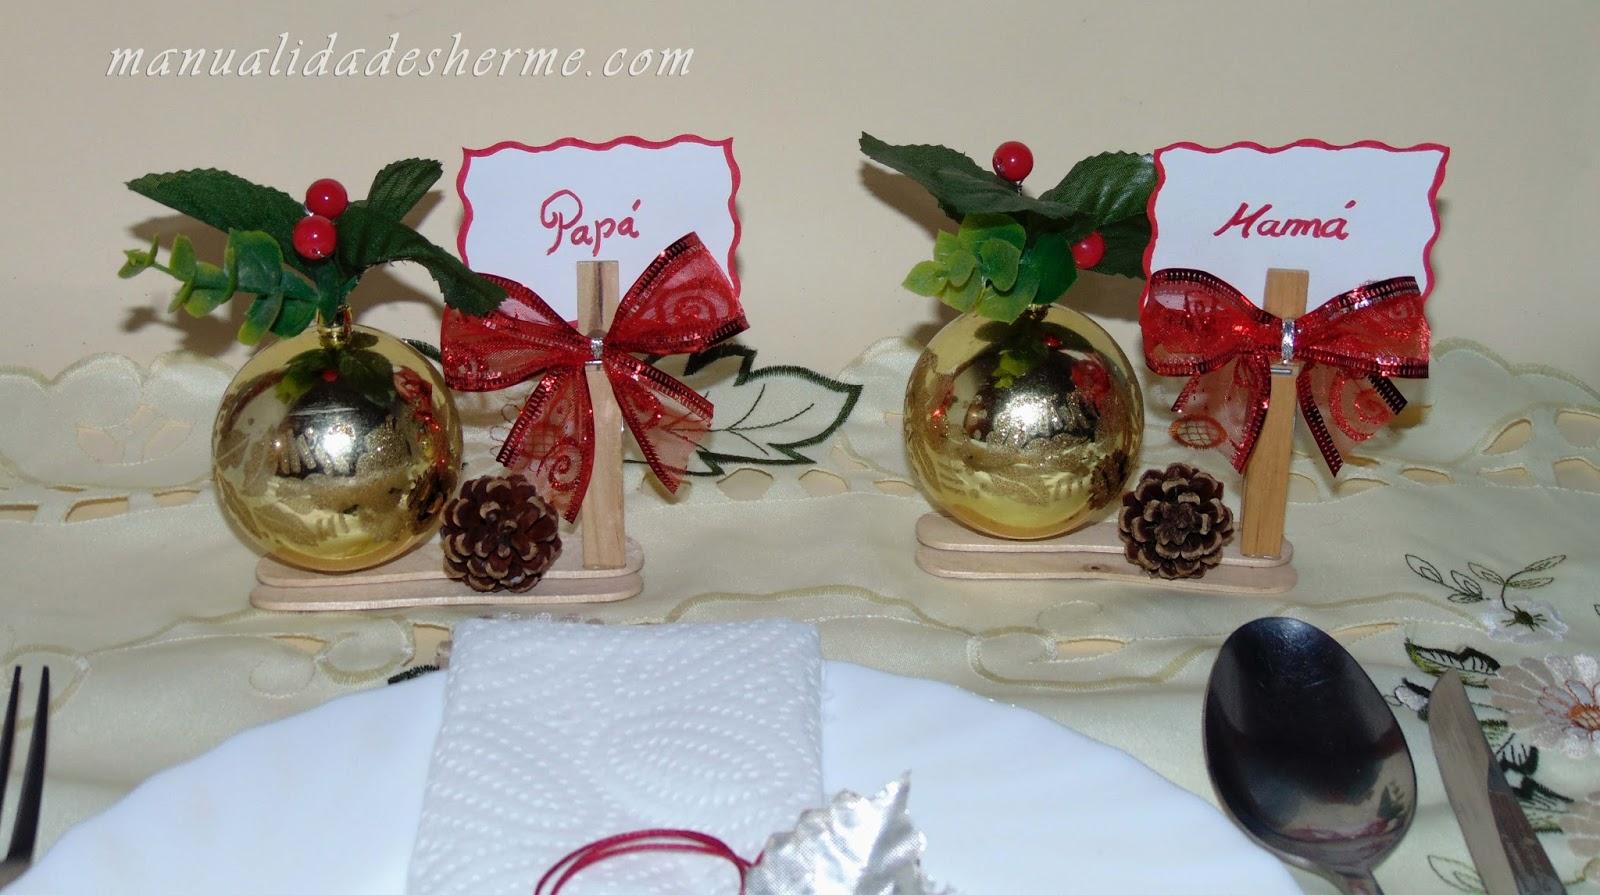 Manualidades herme hacer carteles de mesa para navidad for Centro mesa navidad manualidades